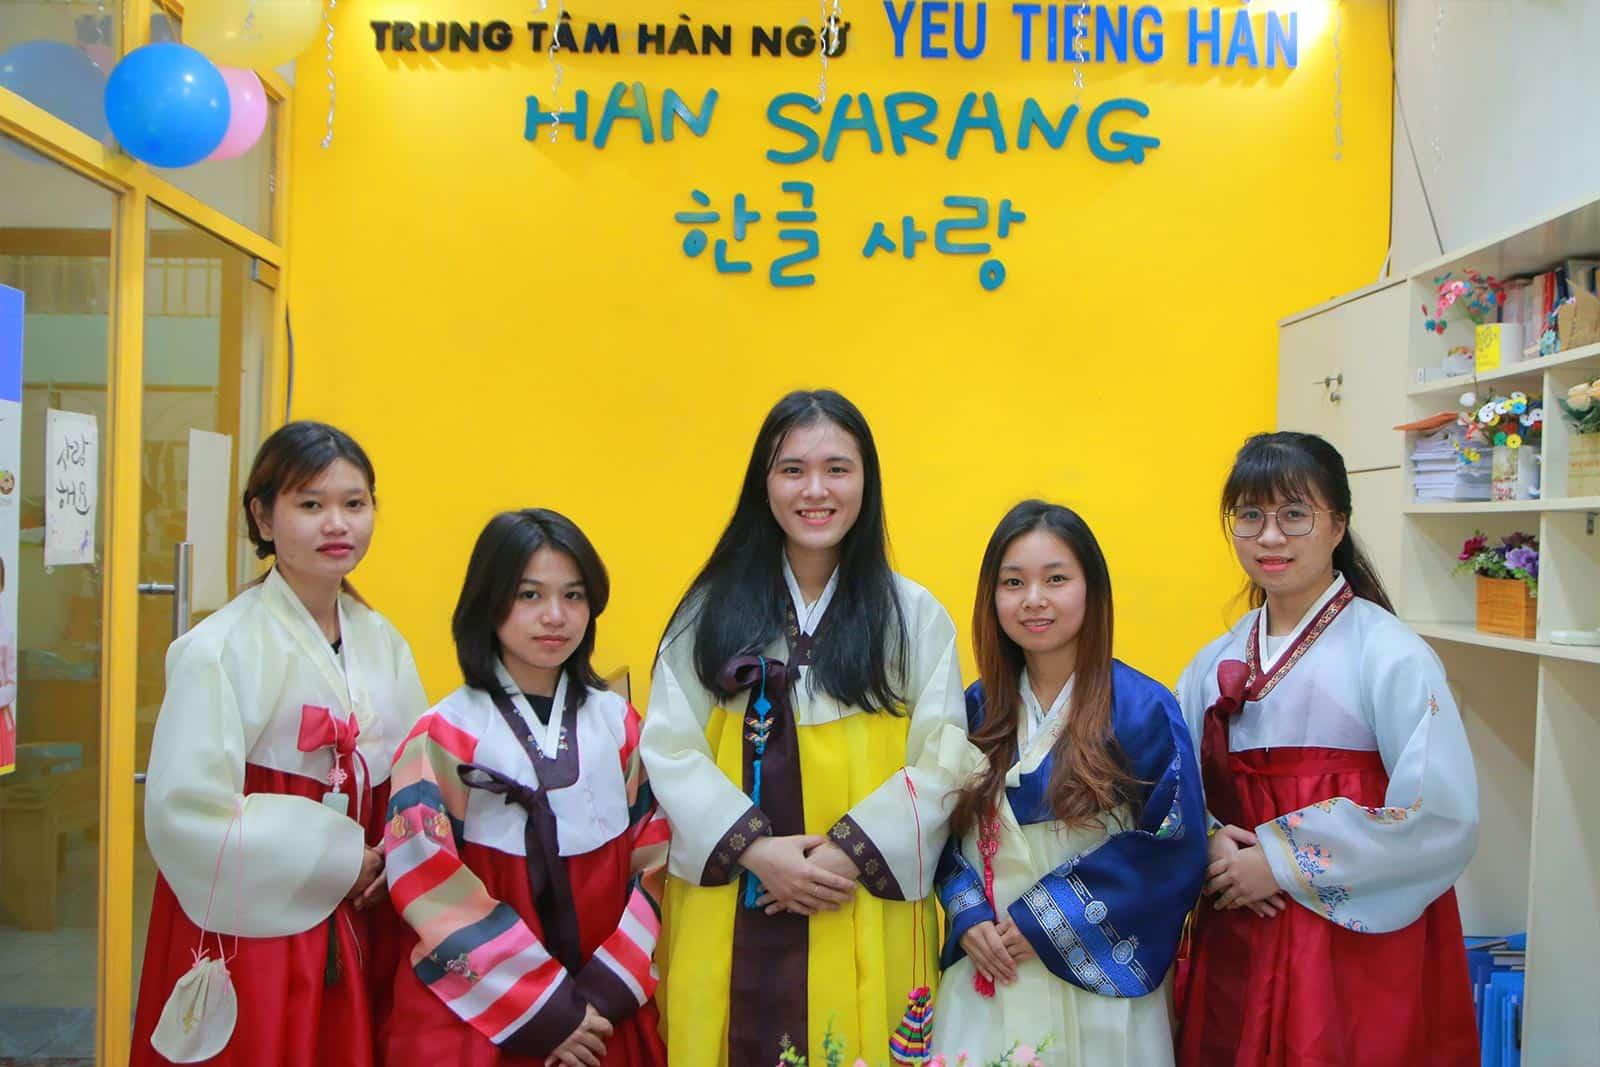 Hàn ngữ Han Sarang   Trung tâm Hàn ngữ Quận Tân Bình – Bình Thạnh TPHCM